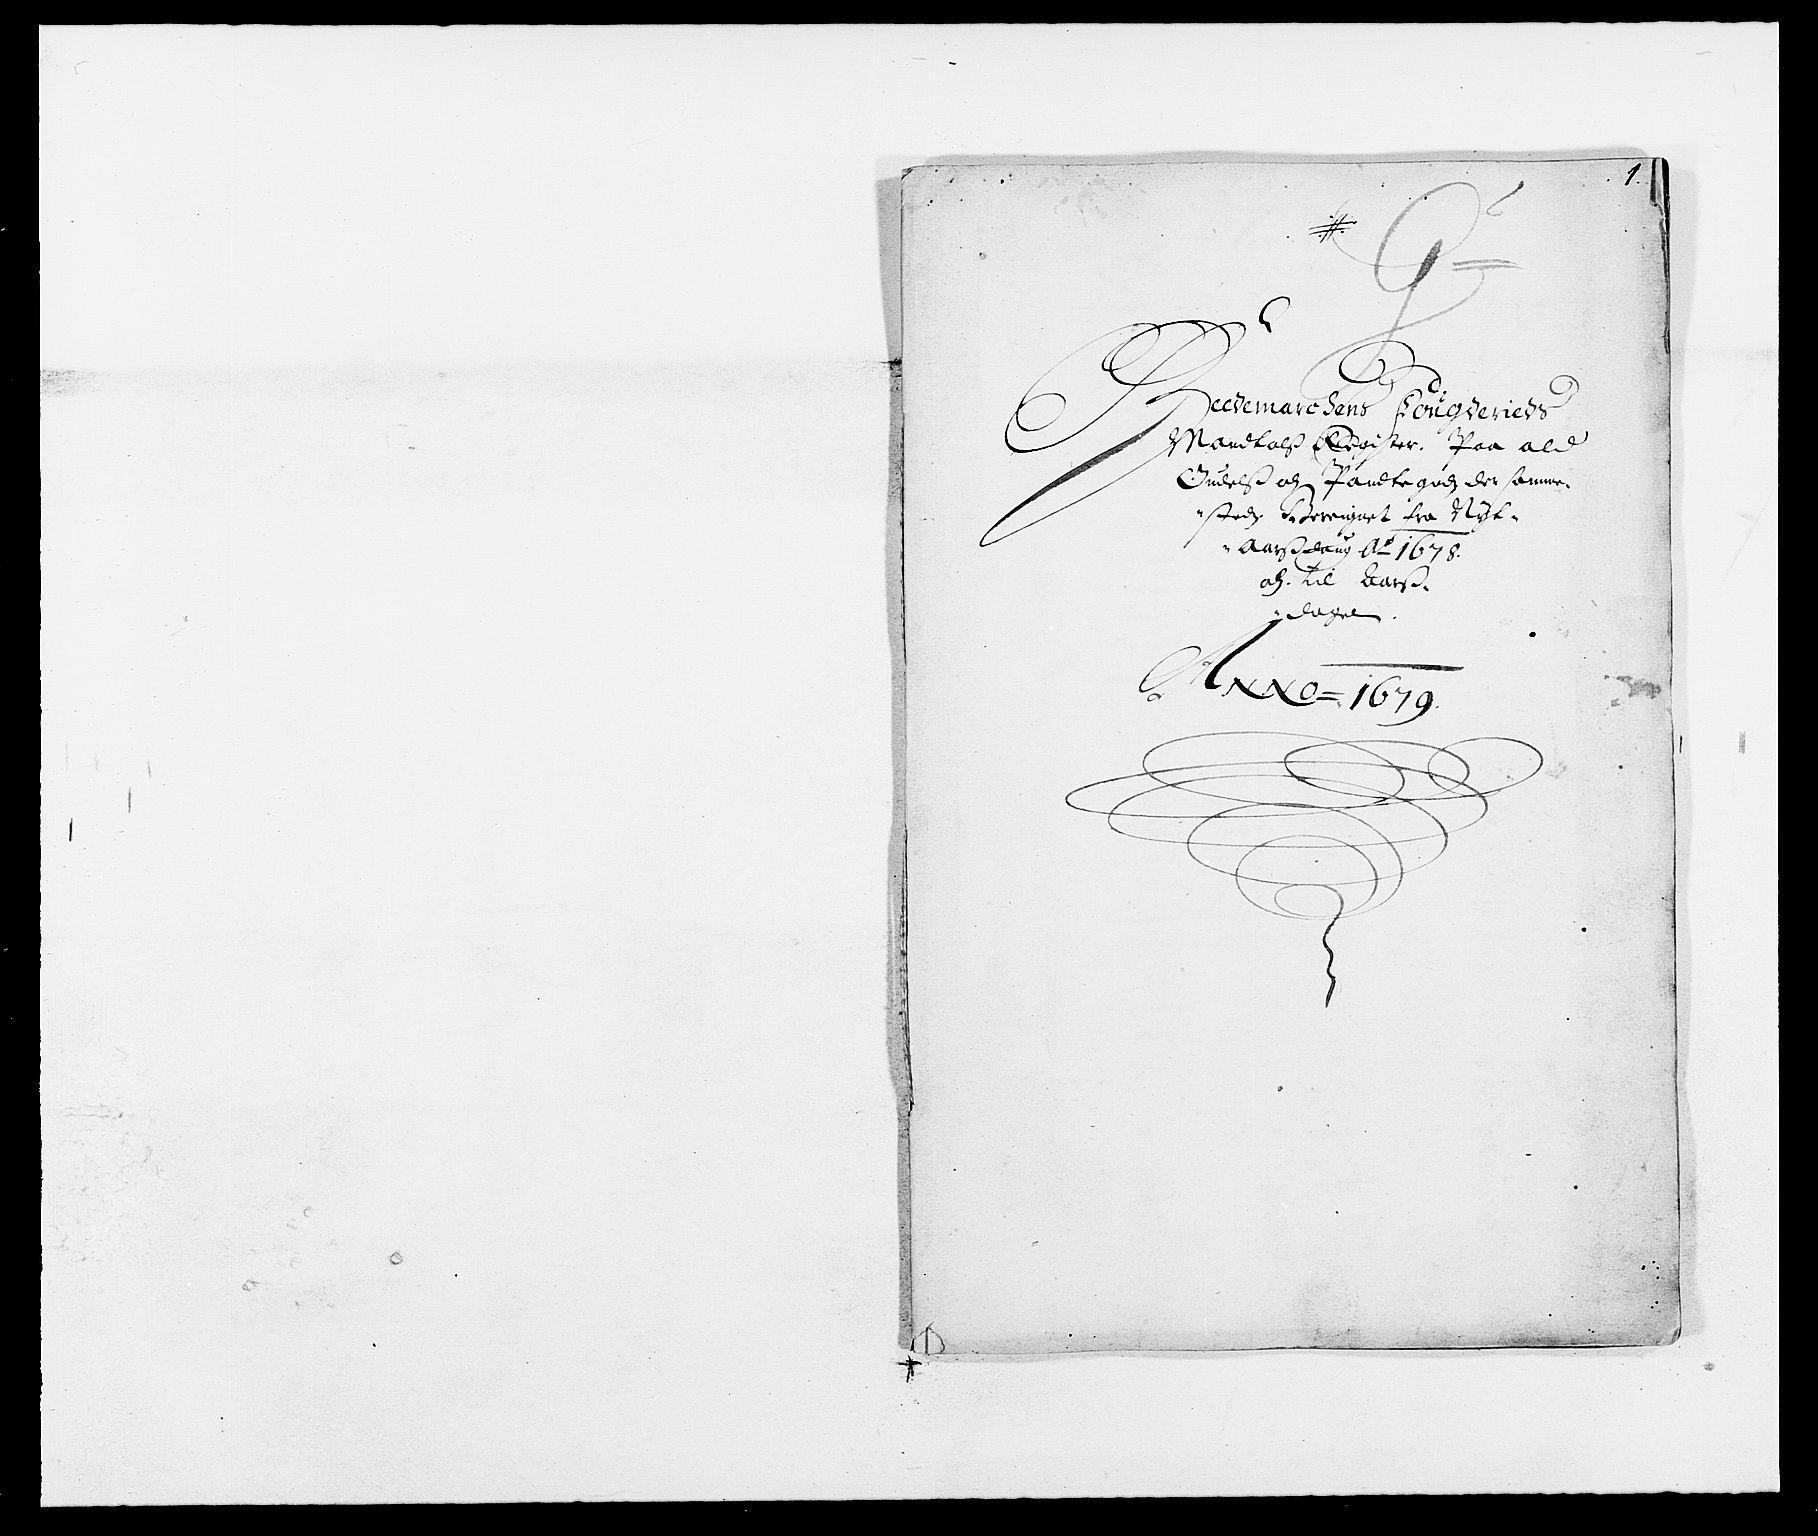 RA, Rentekammeret inntil 1814, Reviderte regnskaper, Fogderegnskap, R16/L1017: Fogderegnskap Hedmark, 1678-1679, s. 259